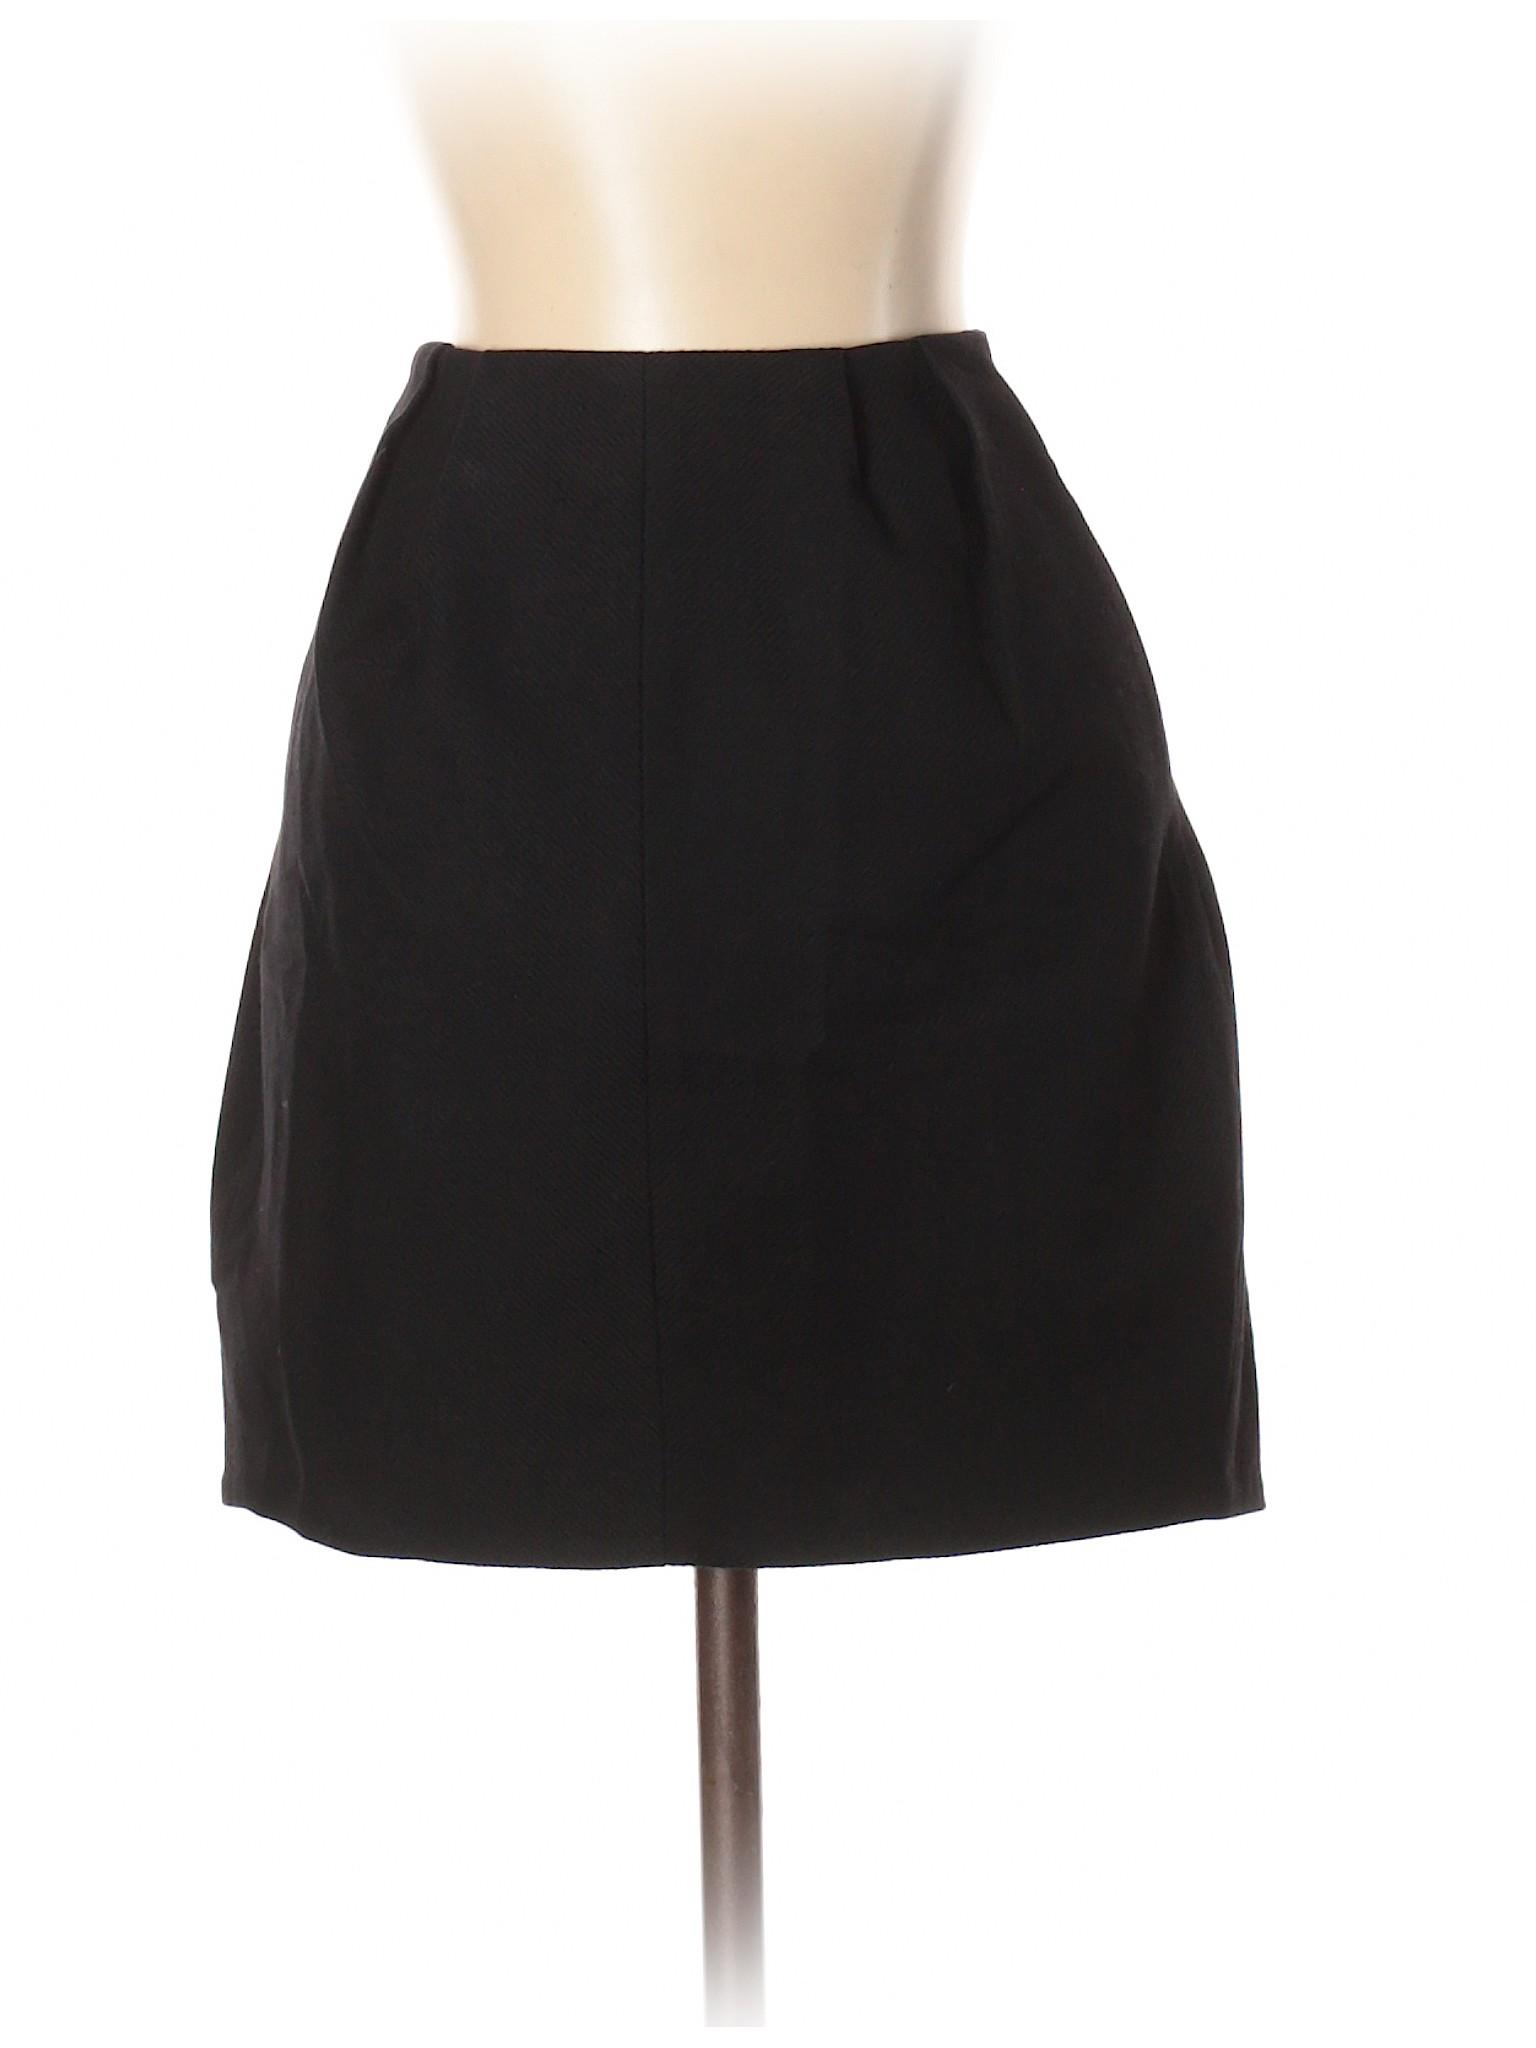 Casual Boutique Casual Boutique Skirt Boutique Boutique Casual Skirt Skirt Boutique Skirt Casual Casual HOTPqxAx